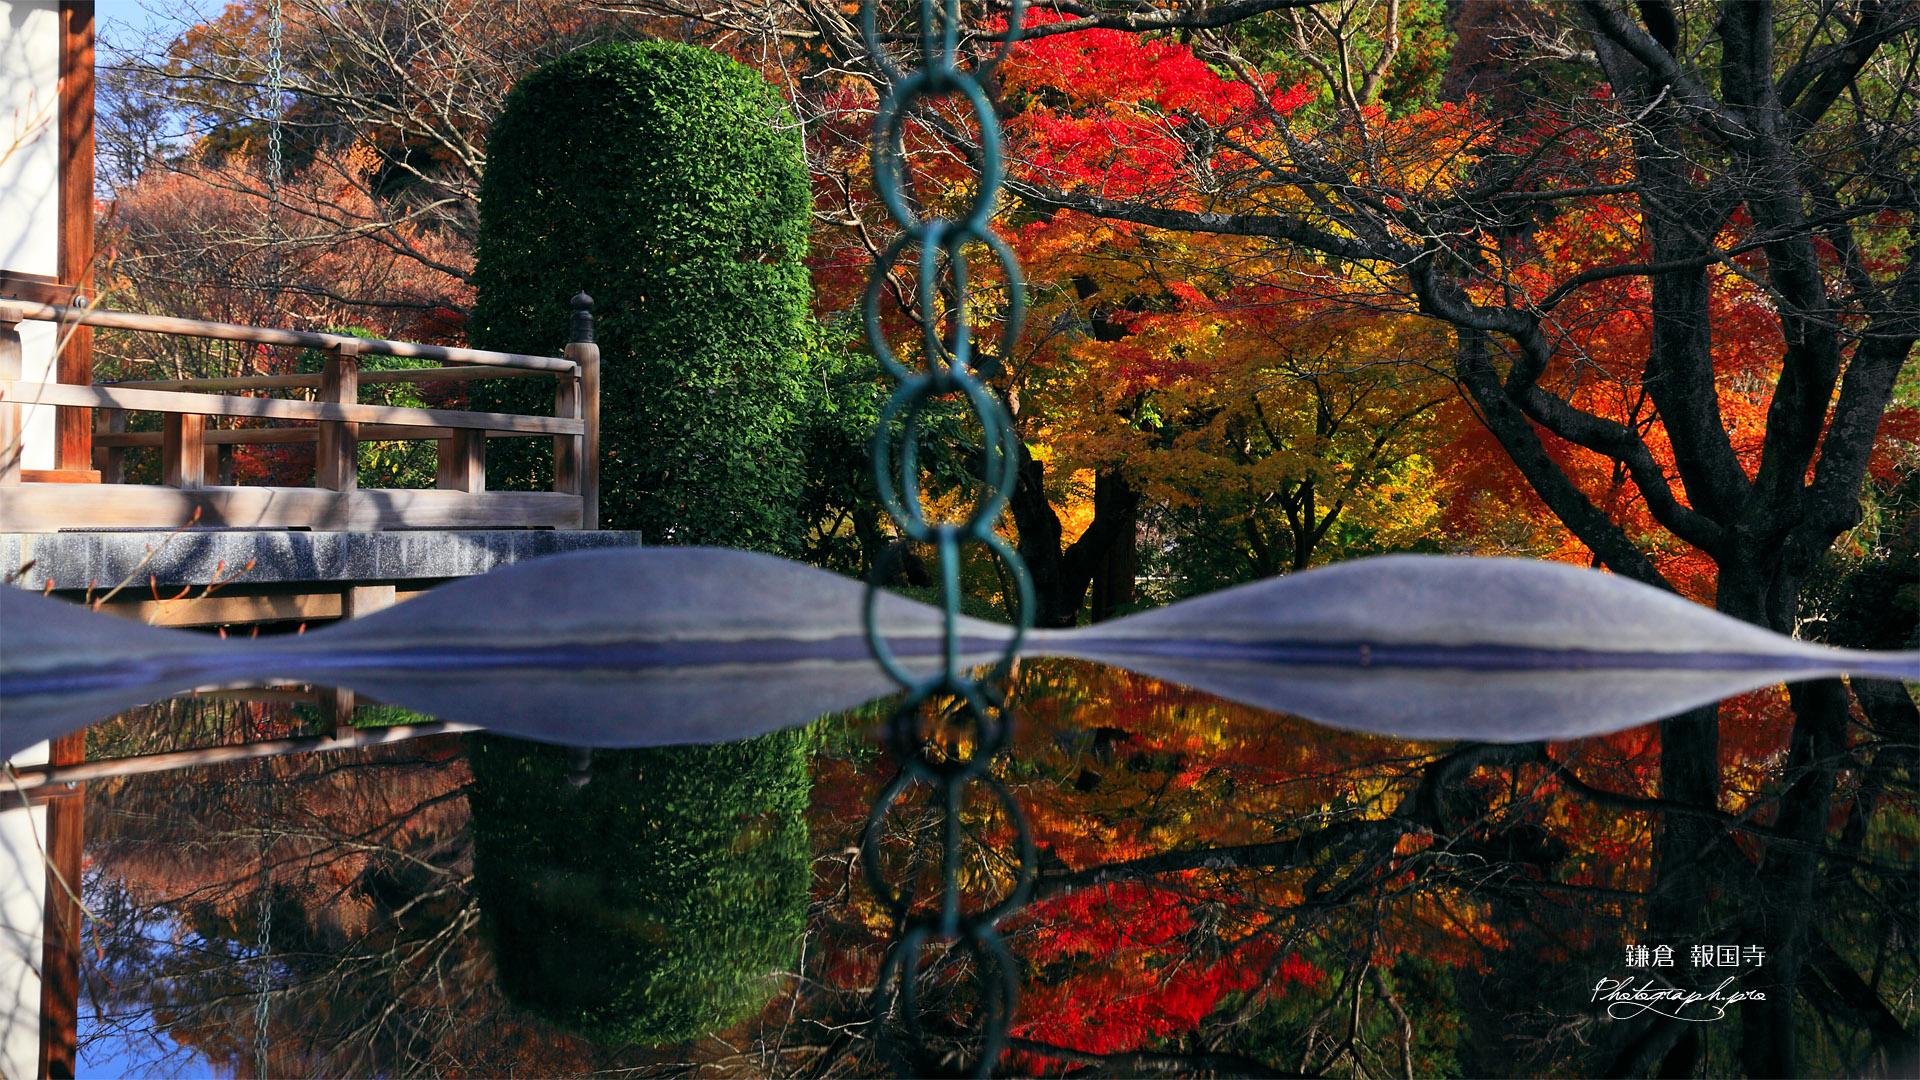 鎌倉報国寺 天水桶に映る紅葉